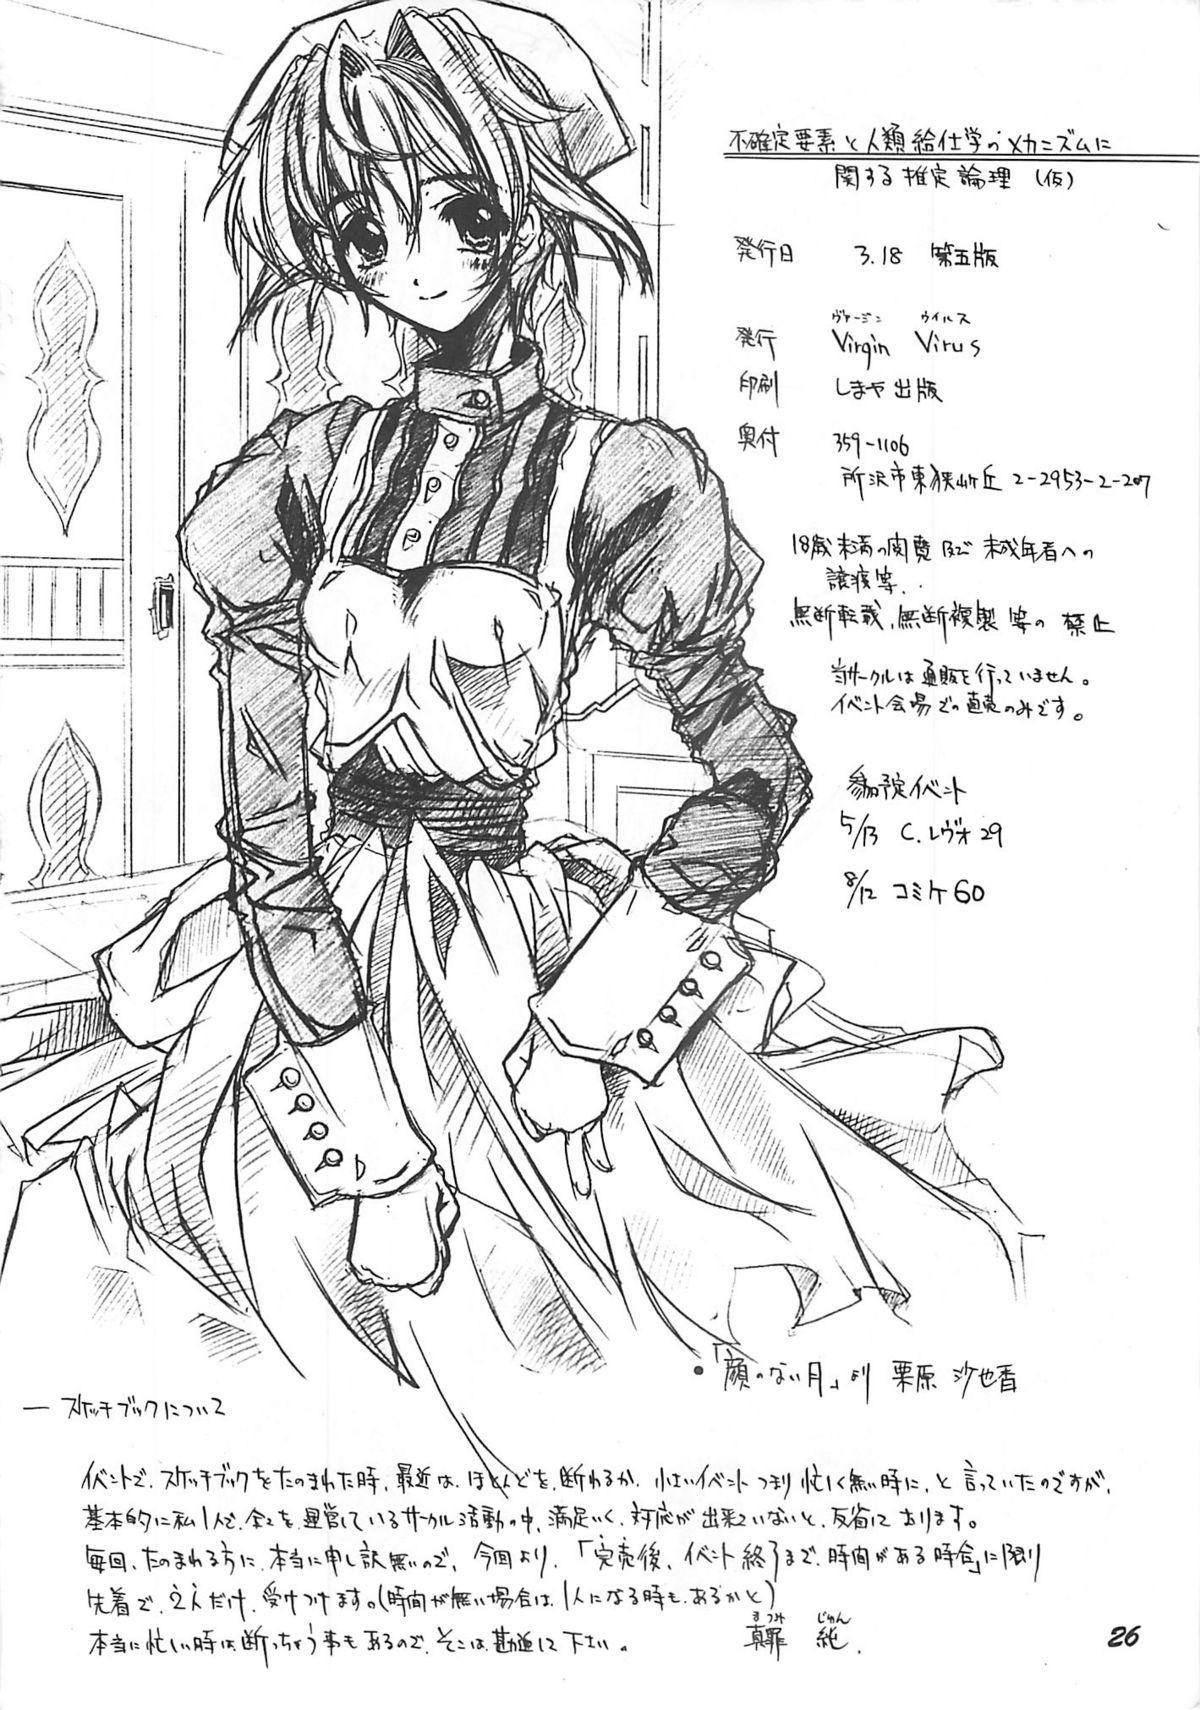 [Virgin Virus (Matsumi Jun)] Fukakutei Youso to Jinrui Kyuushi gaku no Mechanism ni kansuru Suitei Ronri (Kari) EPISODE MARY [5th Edition] 24